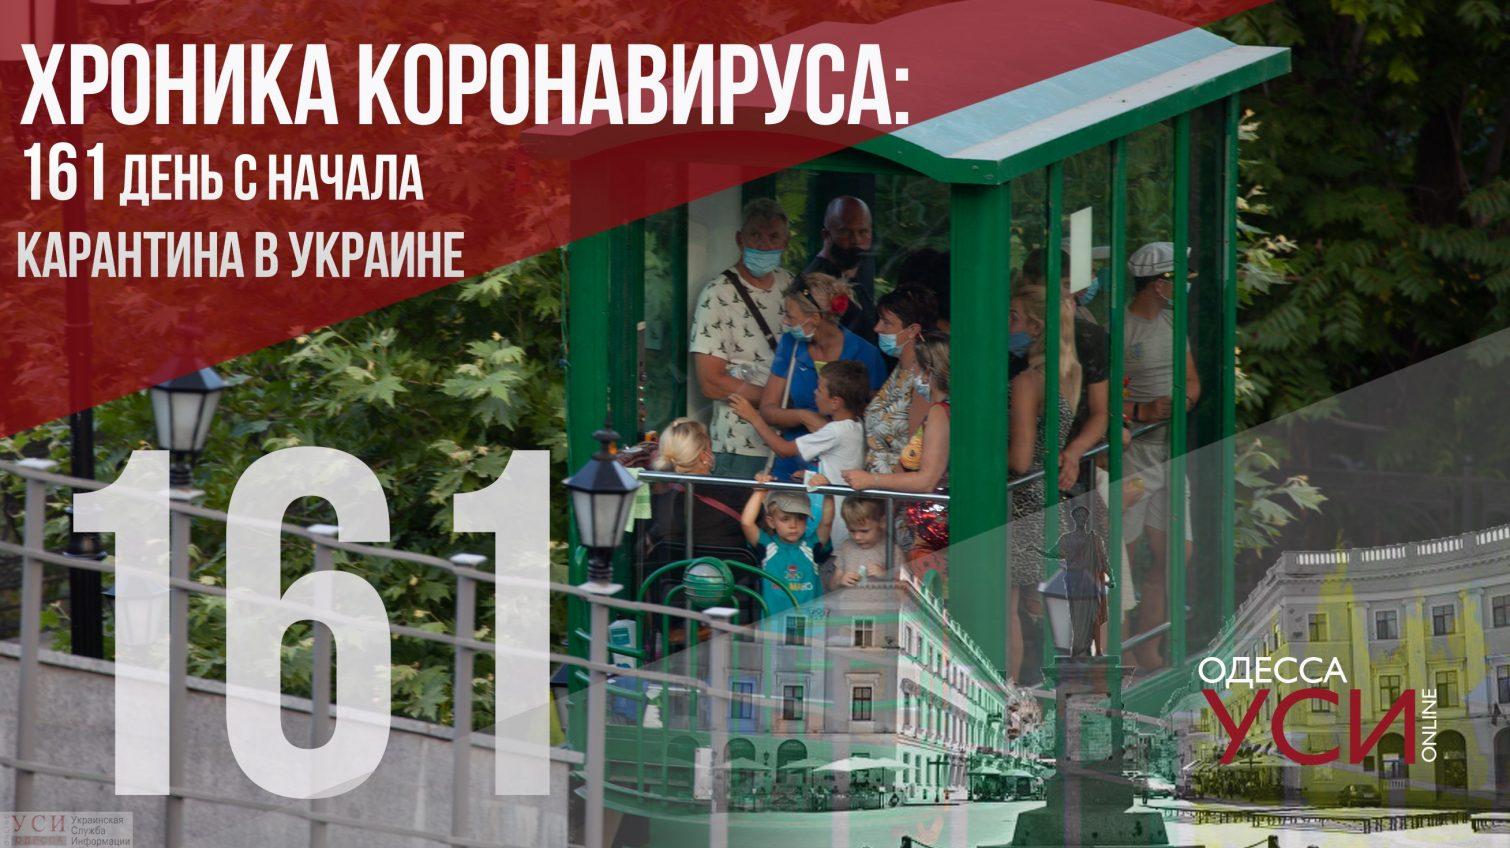 Хроника коронавируса: в Украине впервые более 2100 новых случаев заражения COVID-19 за сутки «фото»